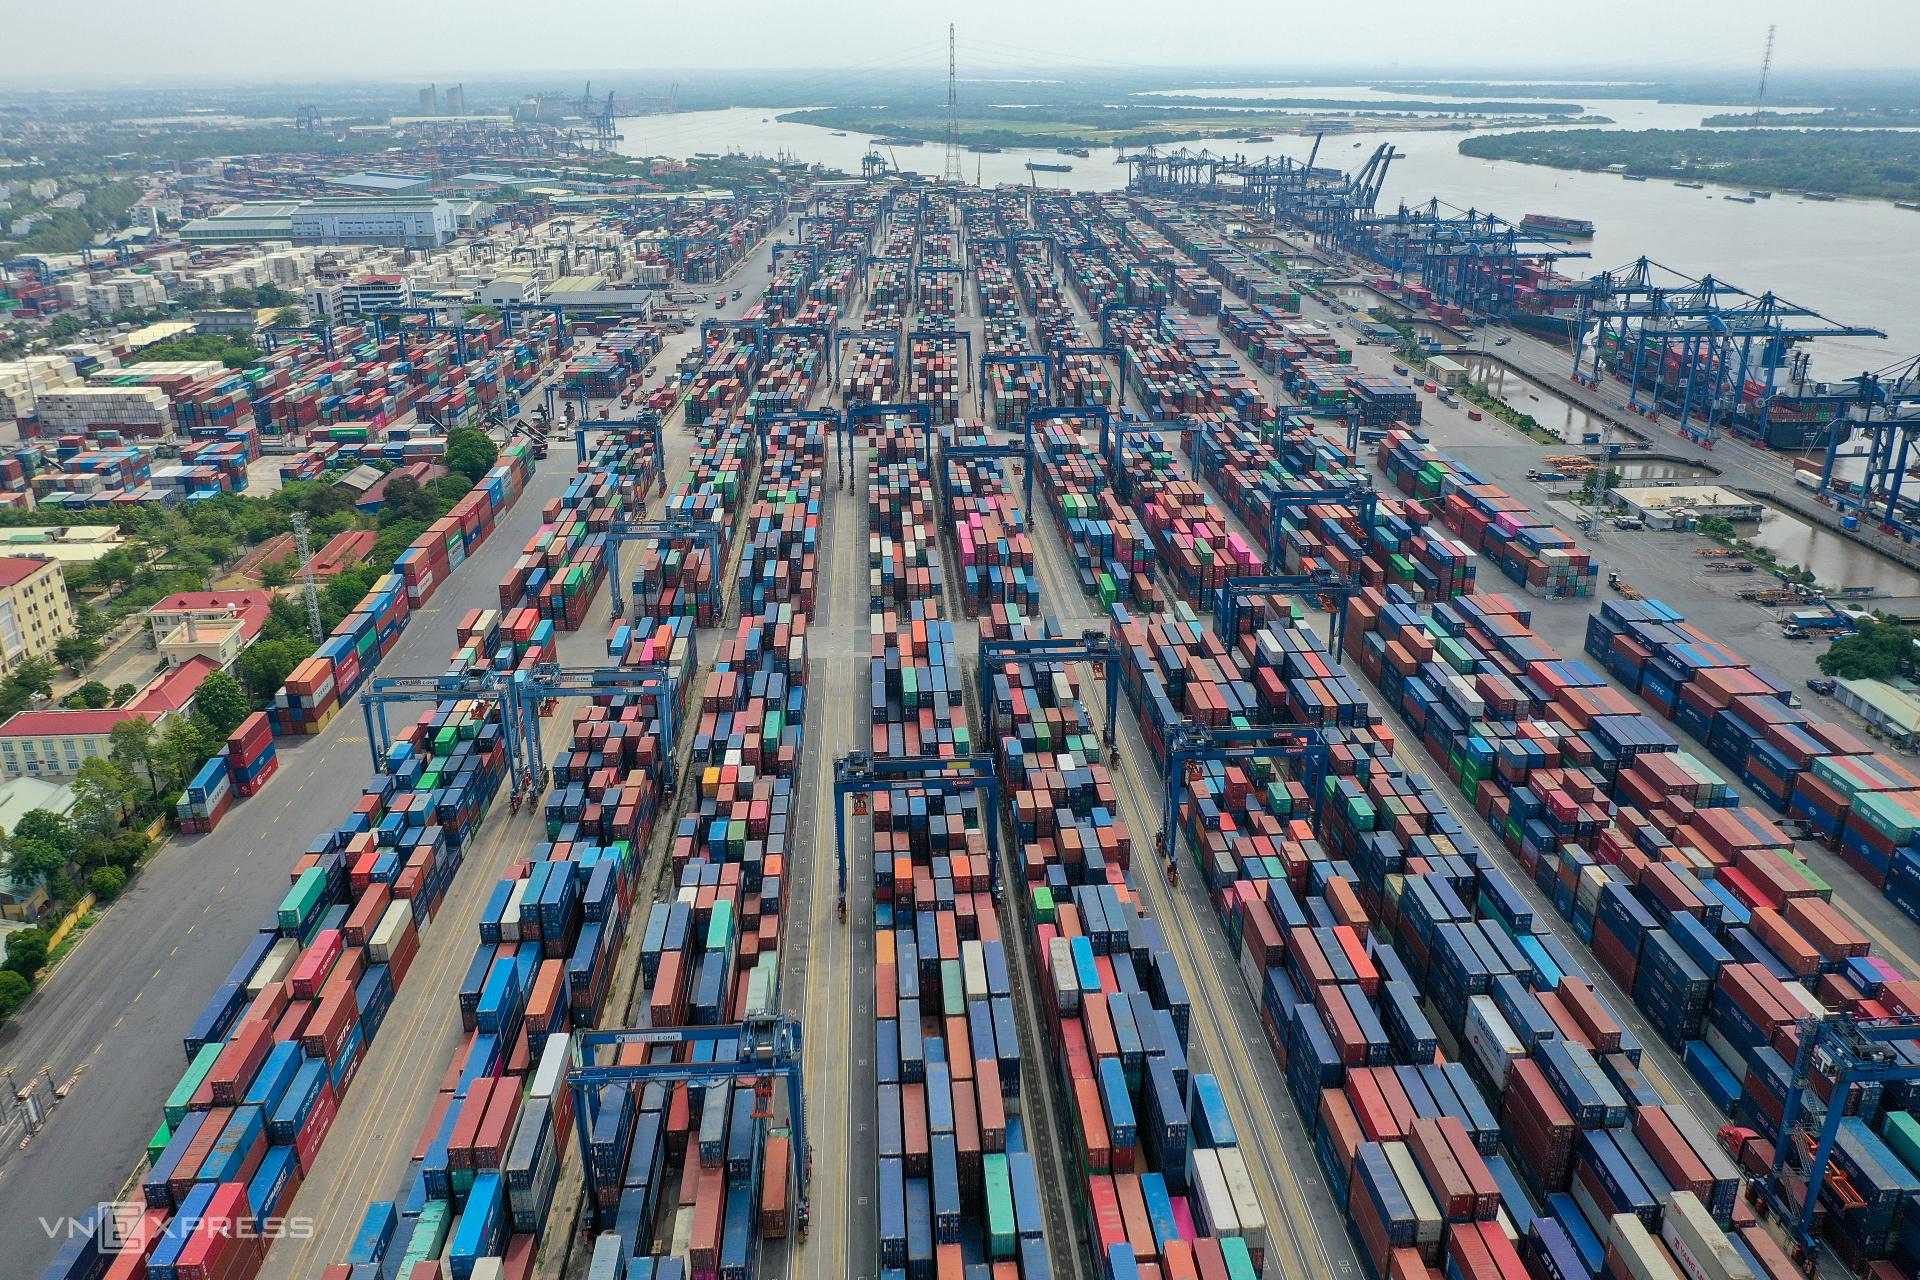 Cảng Cát Lái, TP HCM vào tháng 4/2021. Ảnh: Quỳnh Trần.